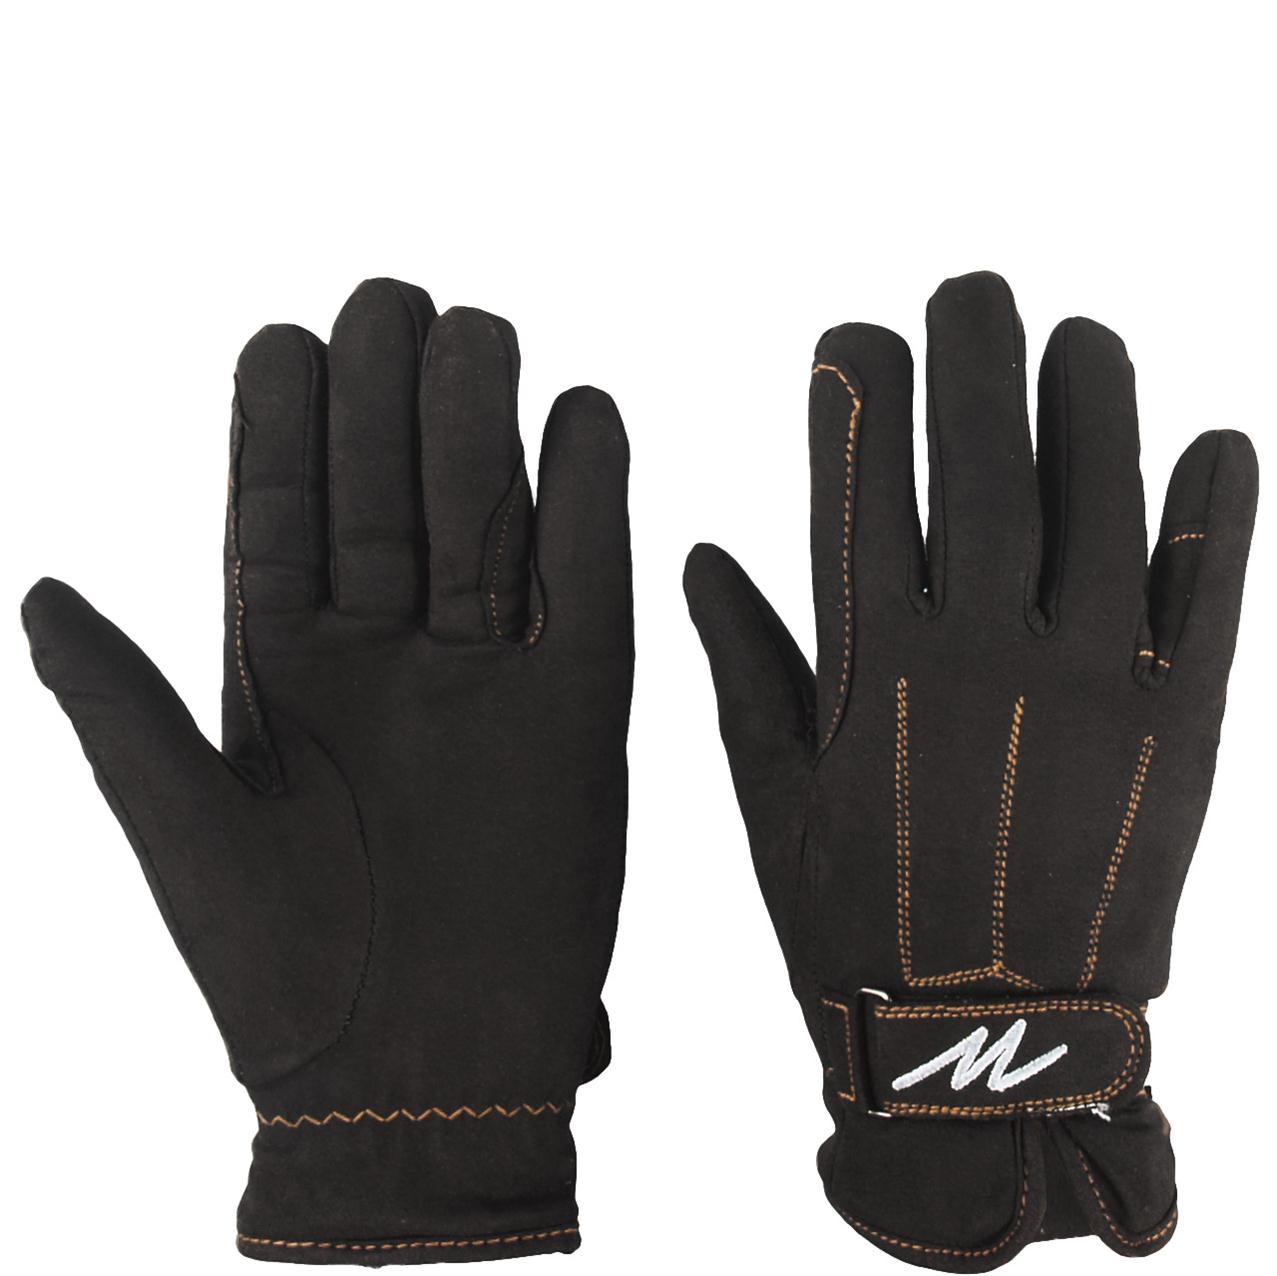 Mondoni Cruz handschoen winter zwart maat:6